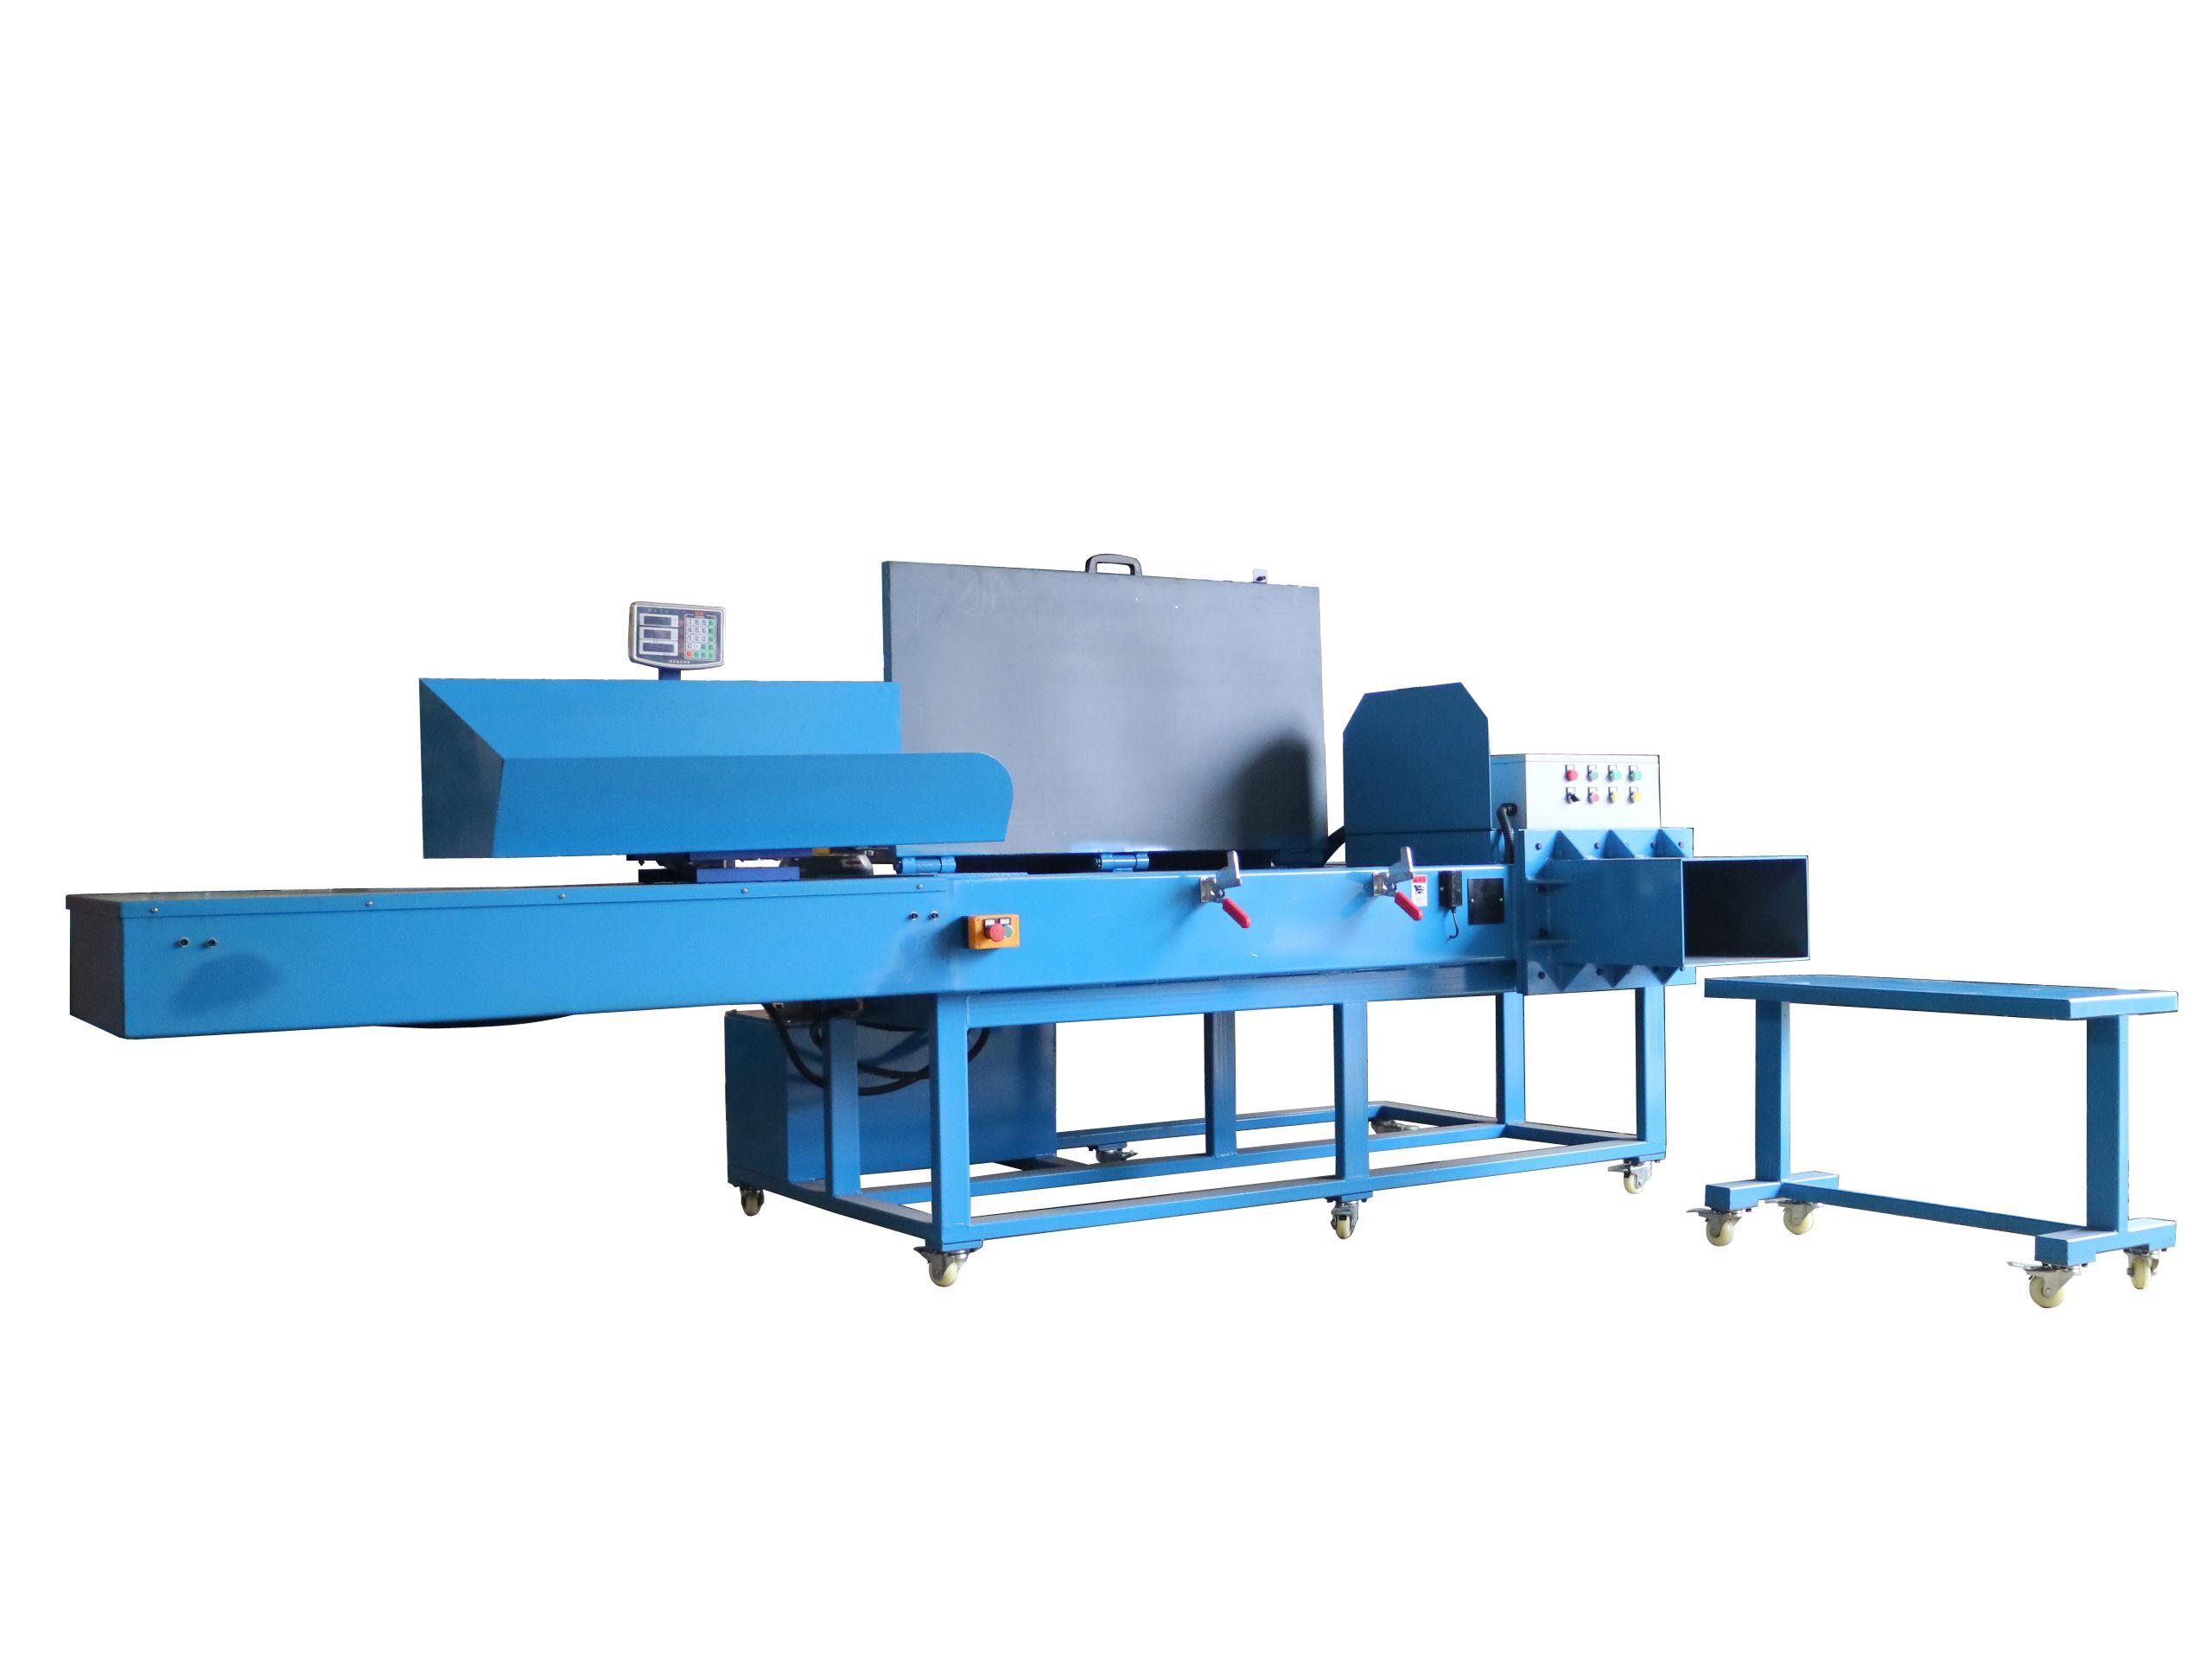 废纸打包机  废纸打包机生产厂家 废纸打包机价格  卧式打包机HDB25